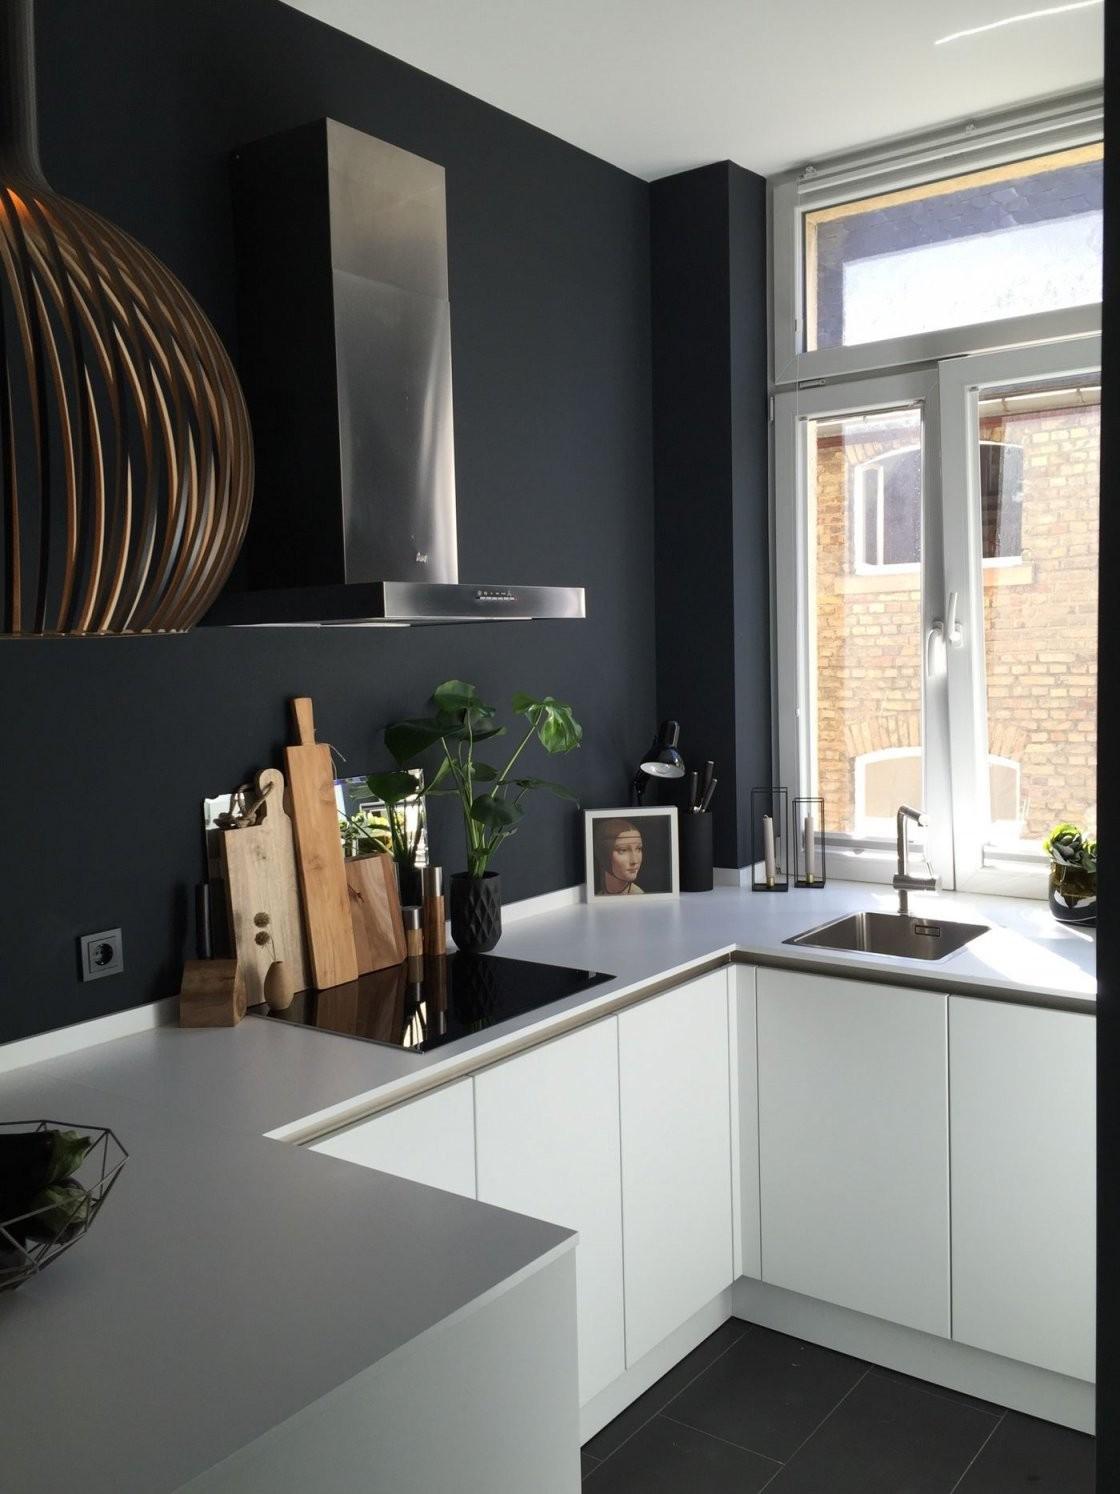 Schöne Ideen Für Die Wandfarbe In Der Küche von Wände Streichen Ideen Küche Photo